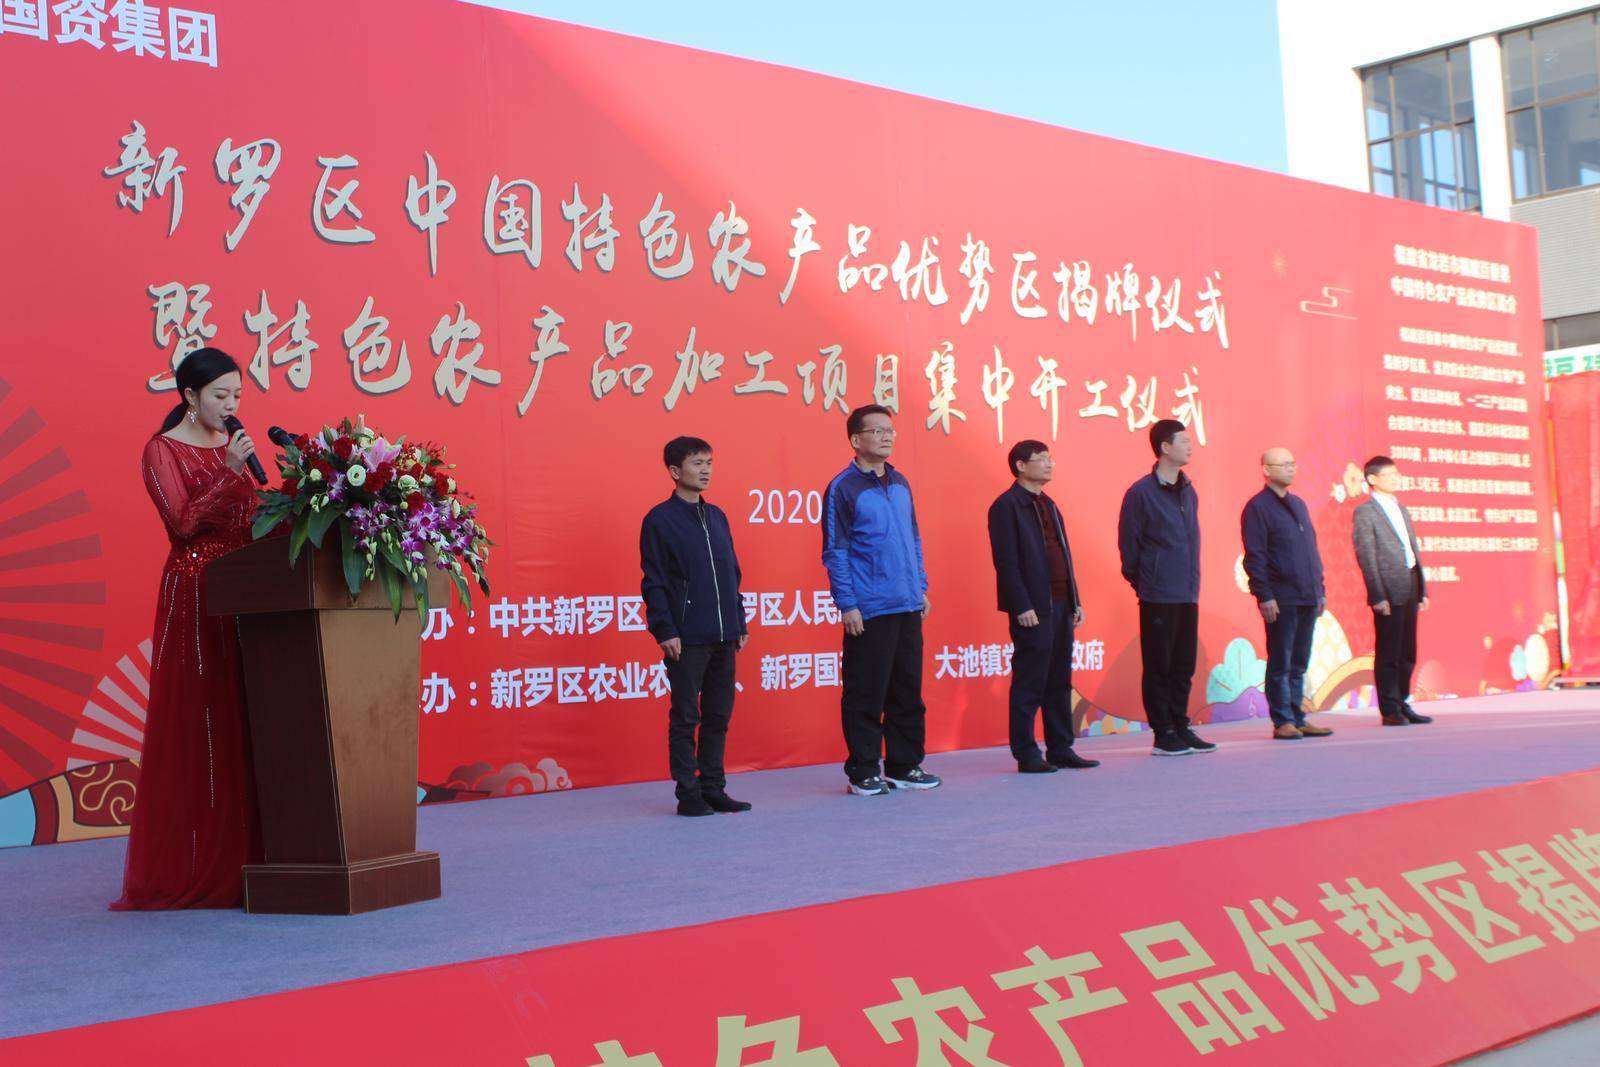 福建打造百香果中国特色农产品优势区 推动产业高质量发展